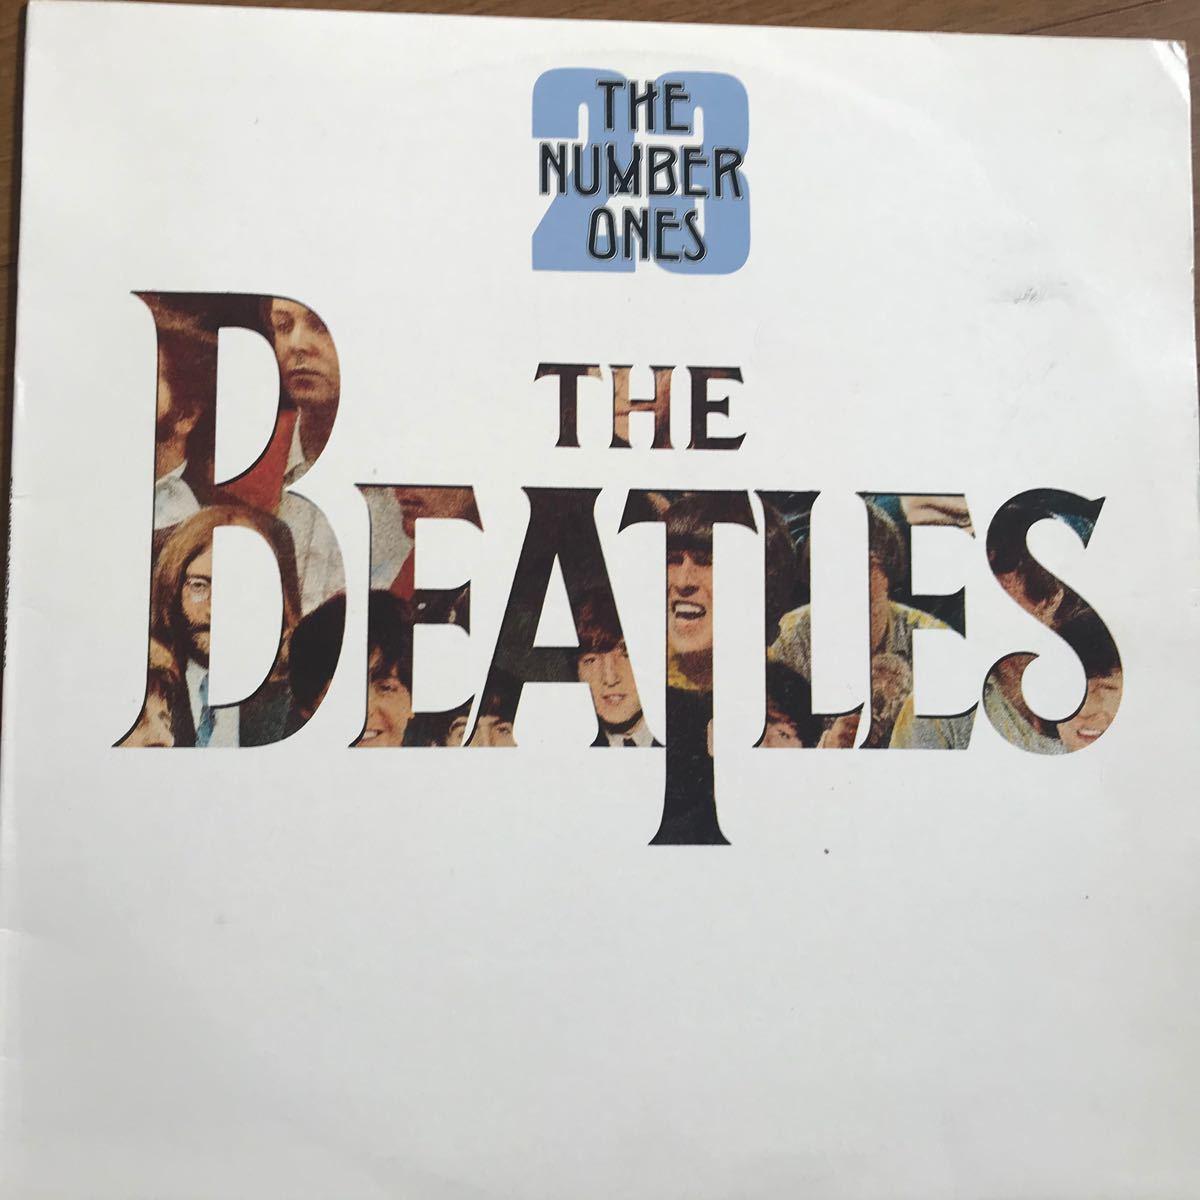 ビートルズ Beatles THE NUMBER ONES オーストラリア盤